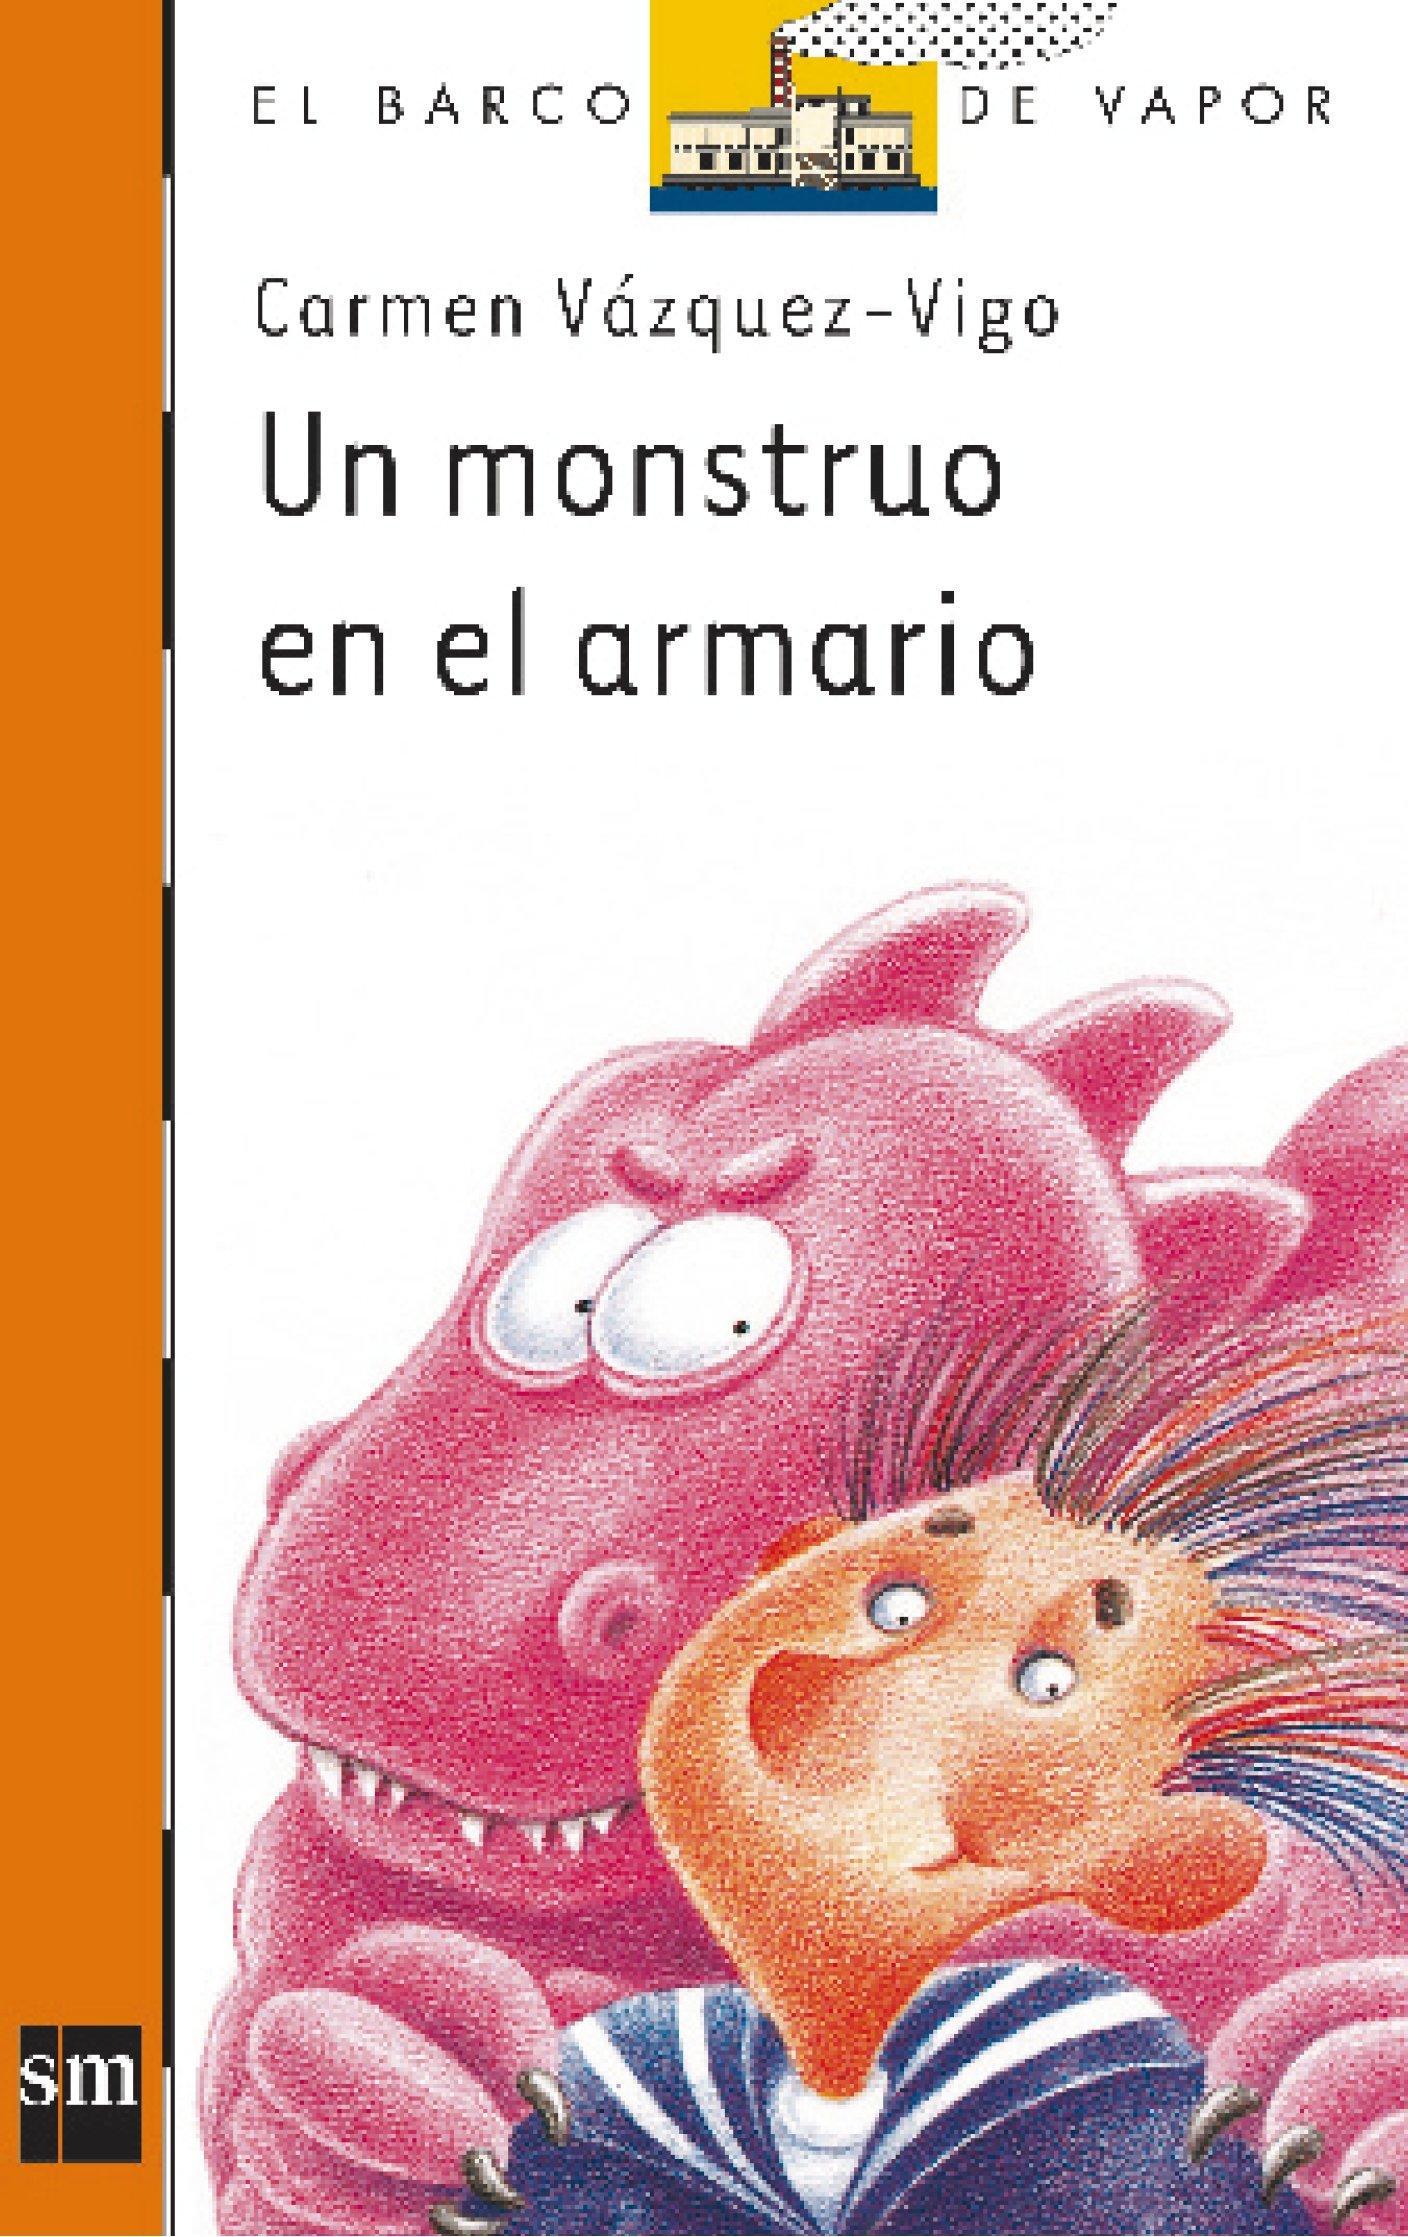 Un monstruo en el armario/ A monster in my dresser (El barco de vapor) (Spanish Edition): Carmen Vazquez Vigo: 9788434833678: Amazon.com: Books